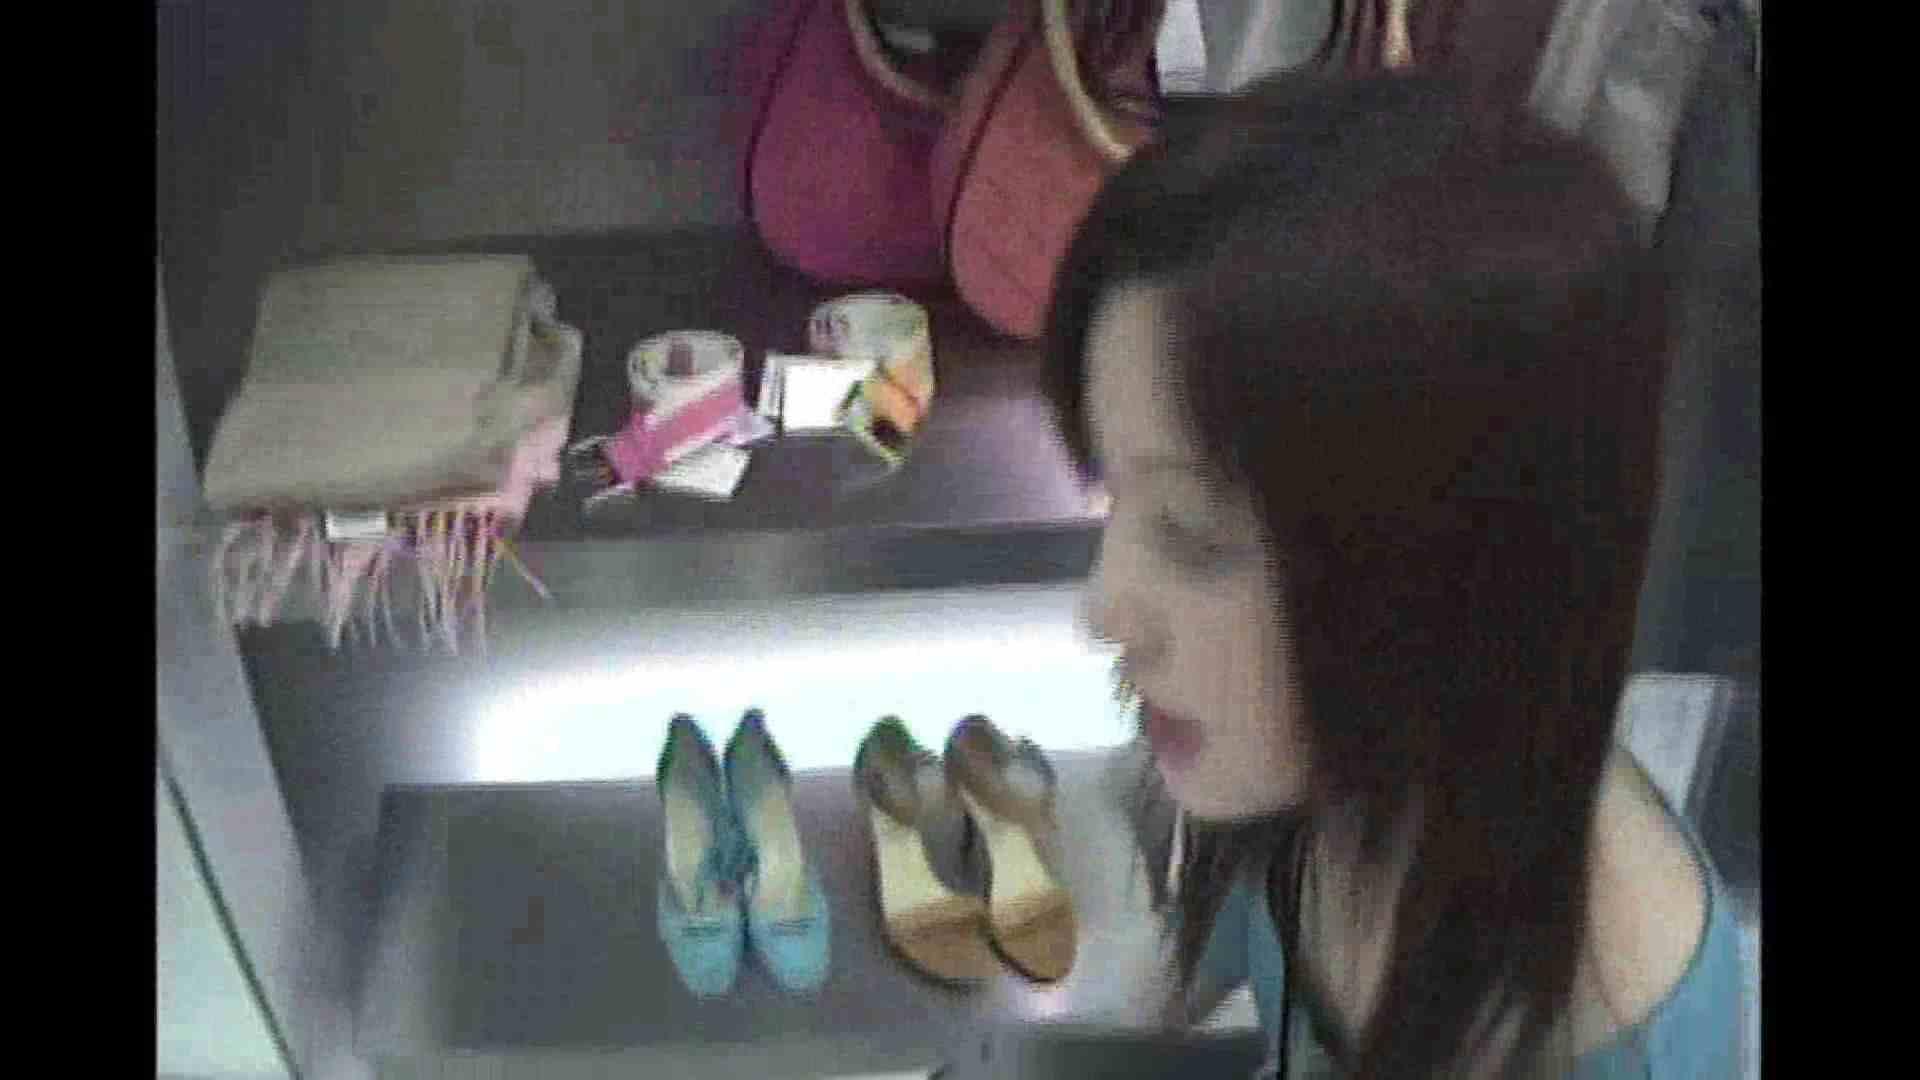 働く美女の谷間参拝 Vol.04 美女ヌード天国 オメコ動画キャプチャ 61PIX 38